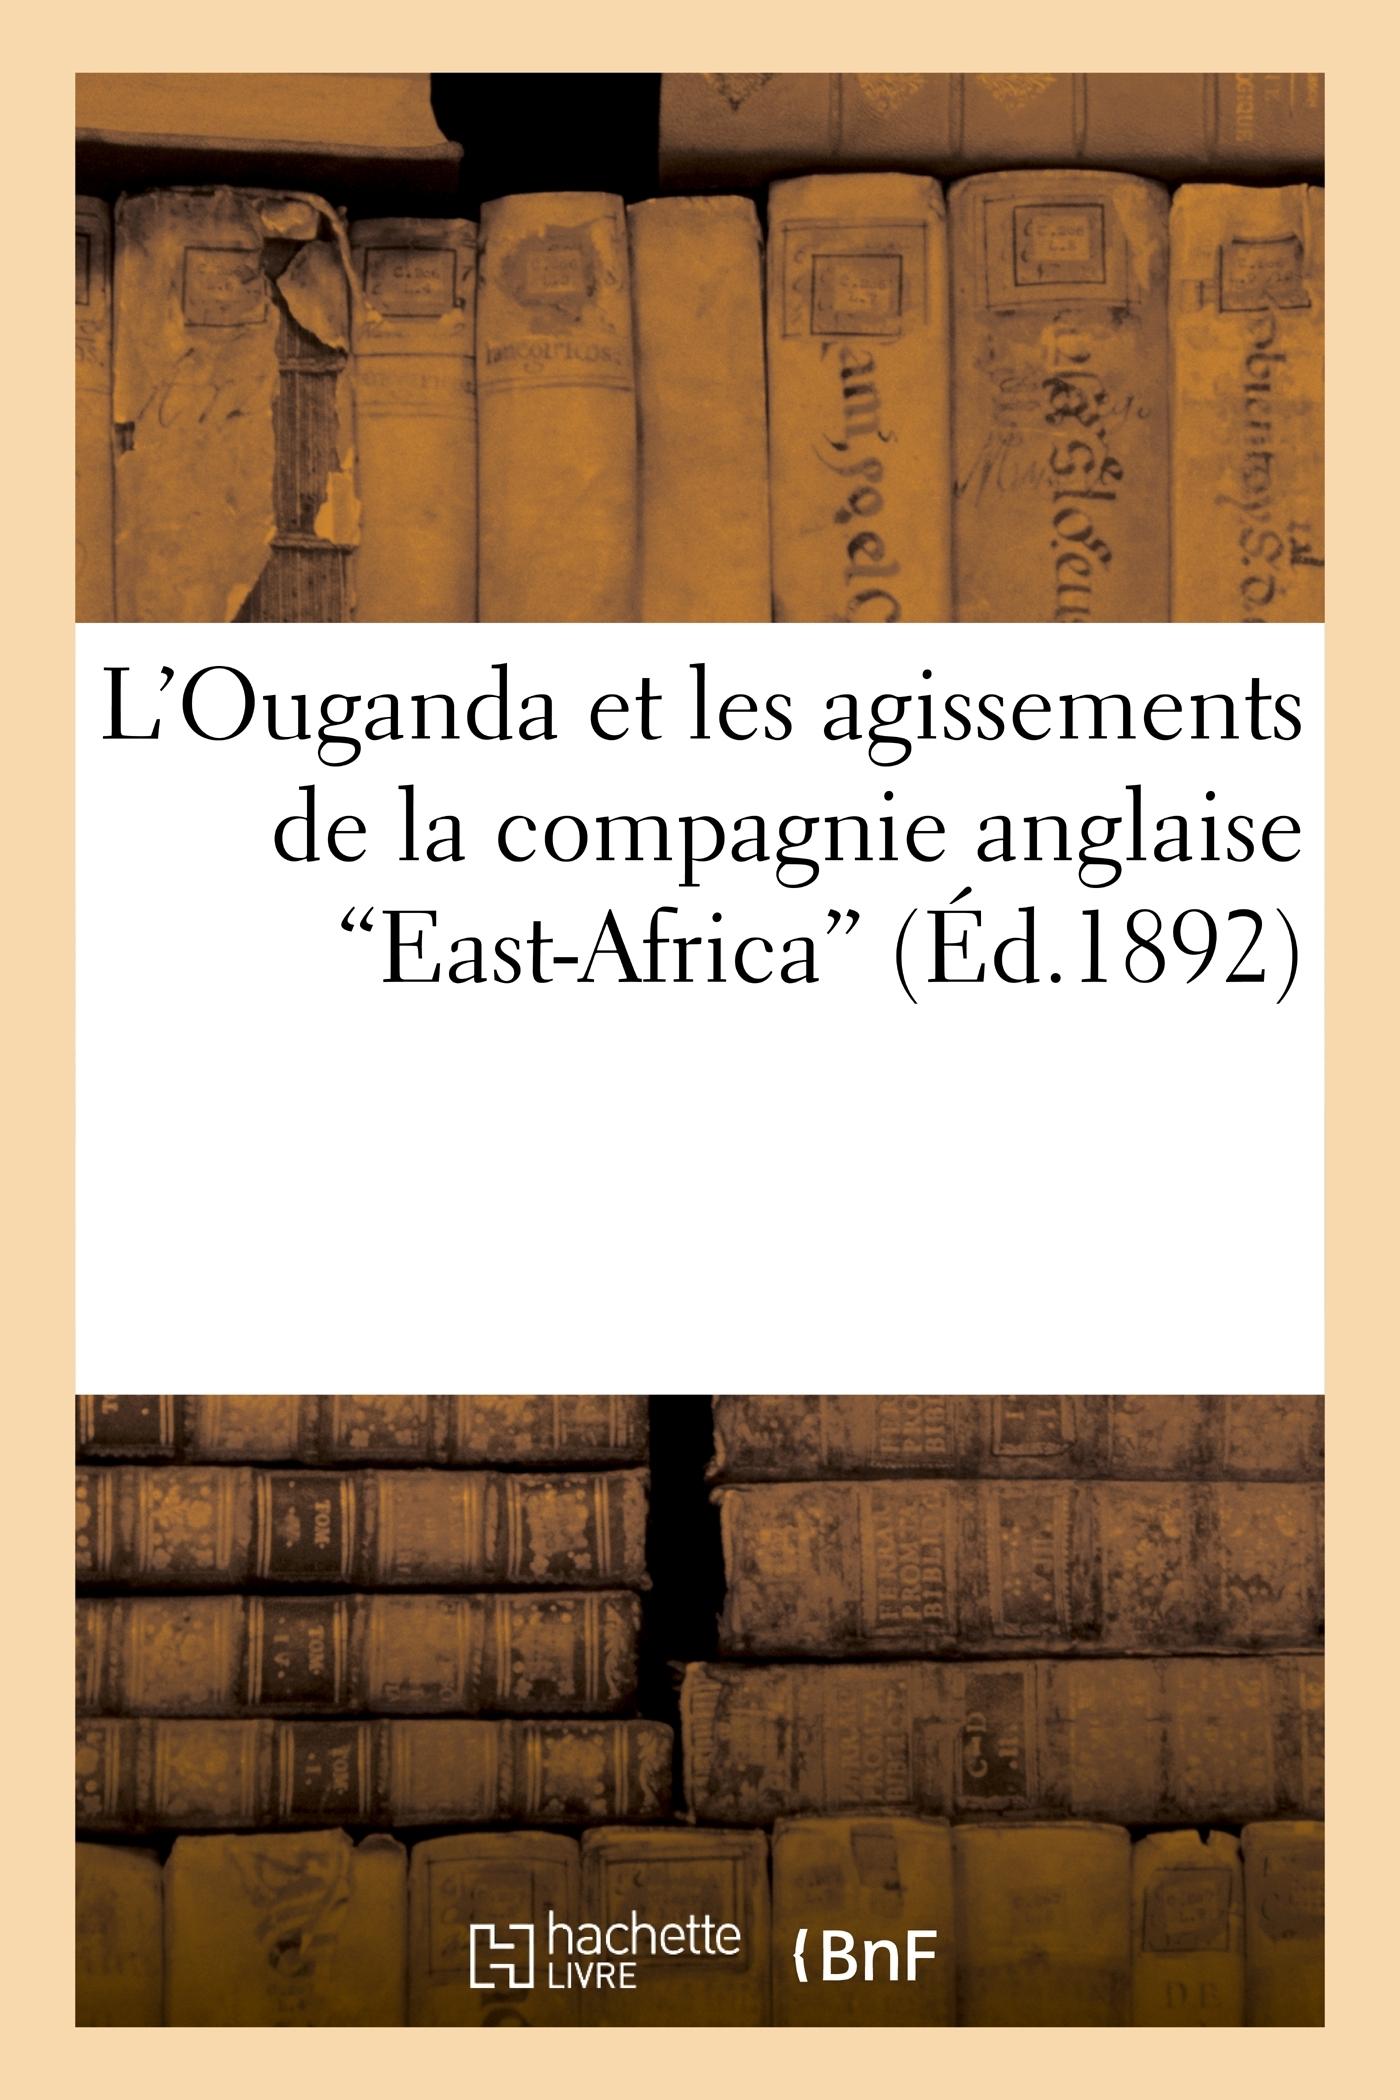 L'OUGANDA ET LES AGISSEMENTS DE LA COMPAGNIE ANGLAISE 'EAST-AFRICA'